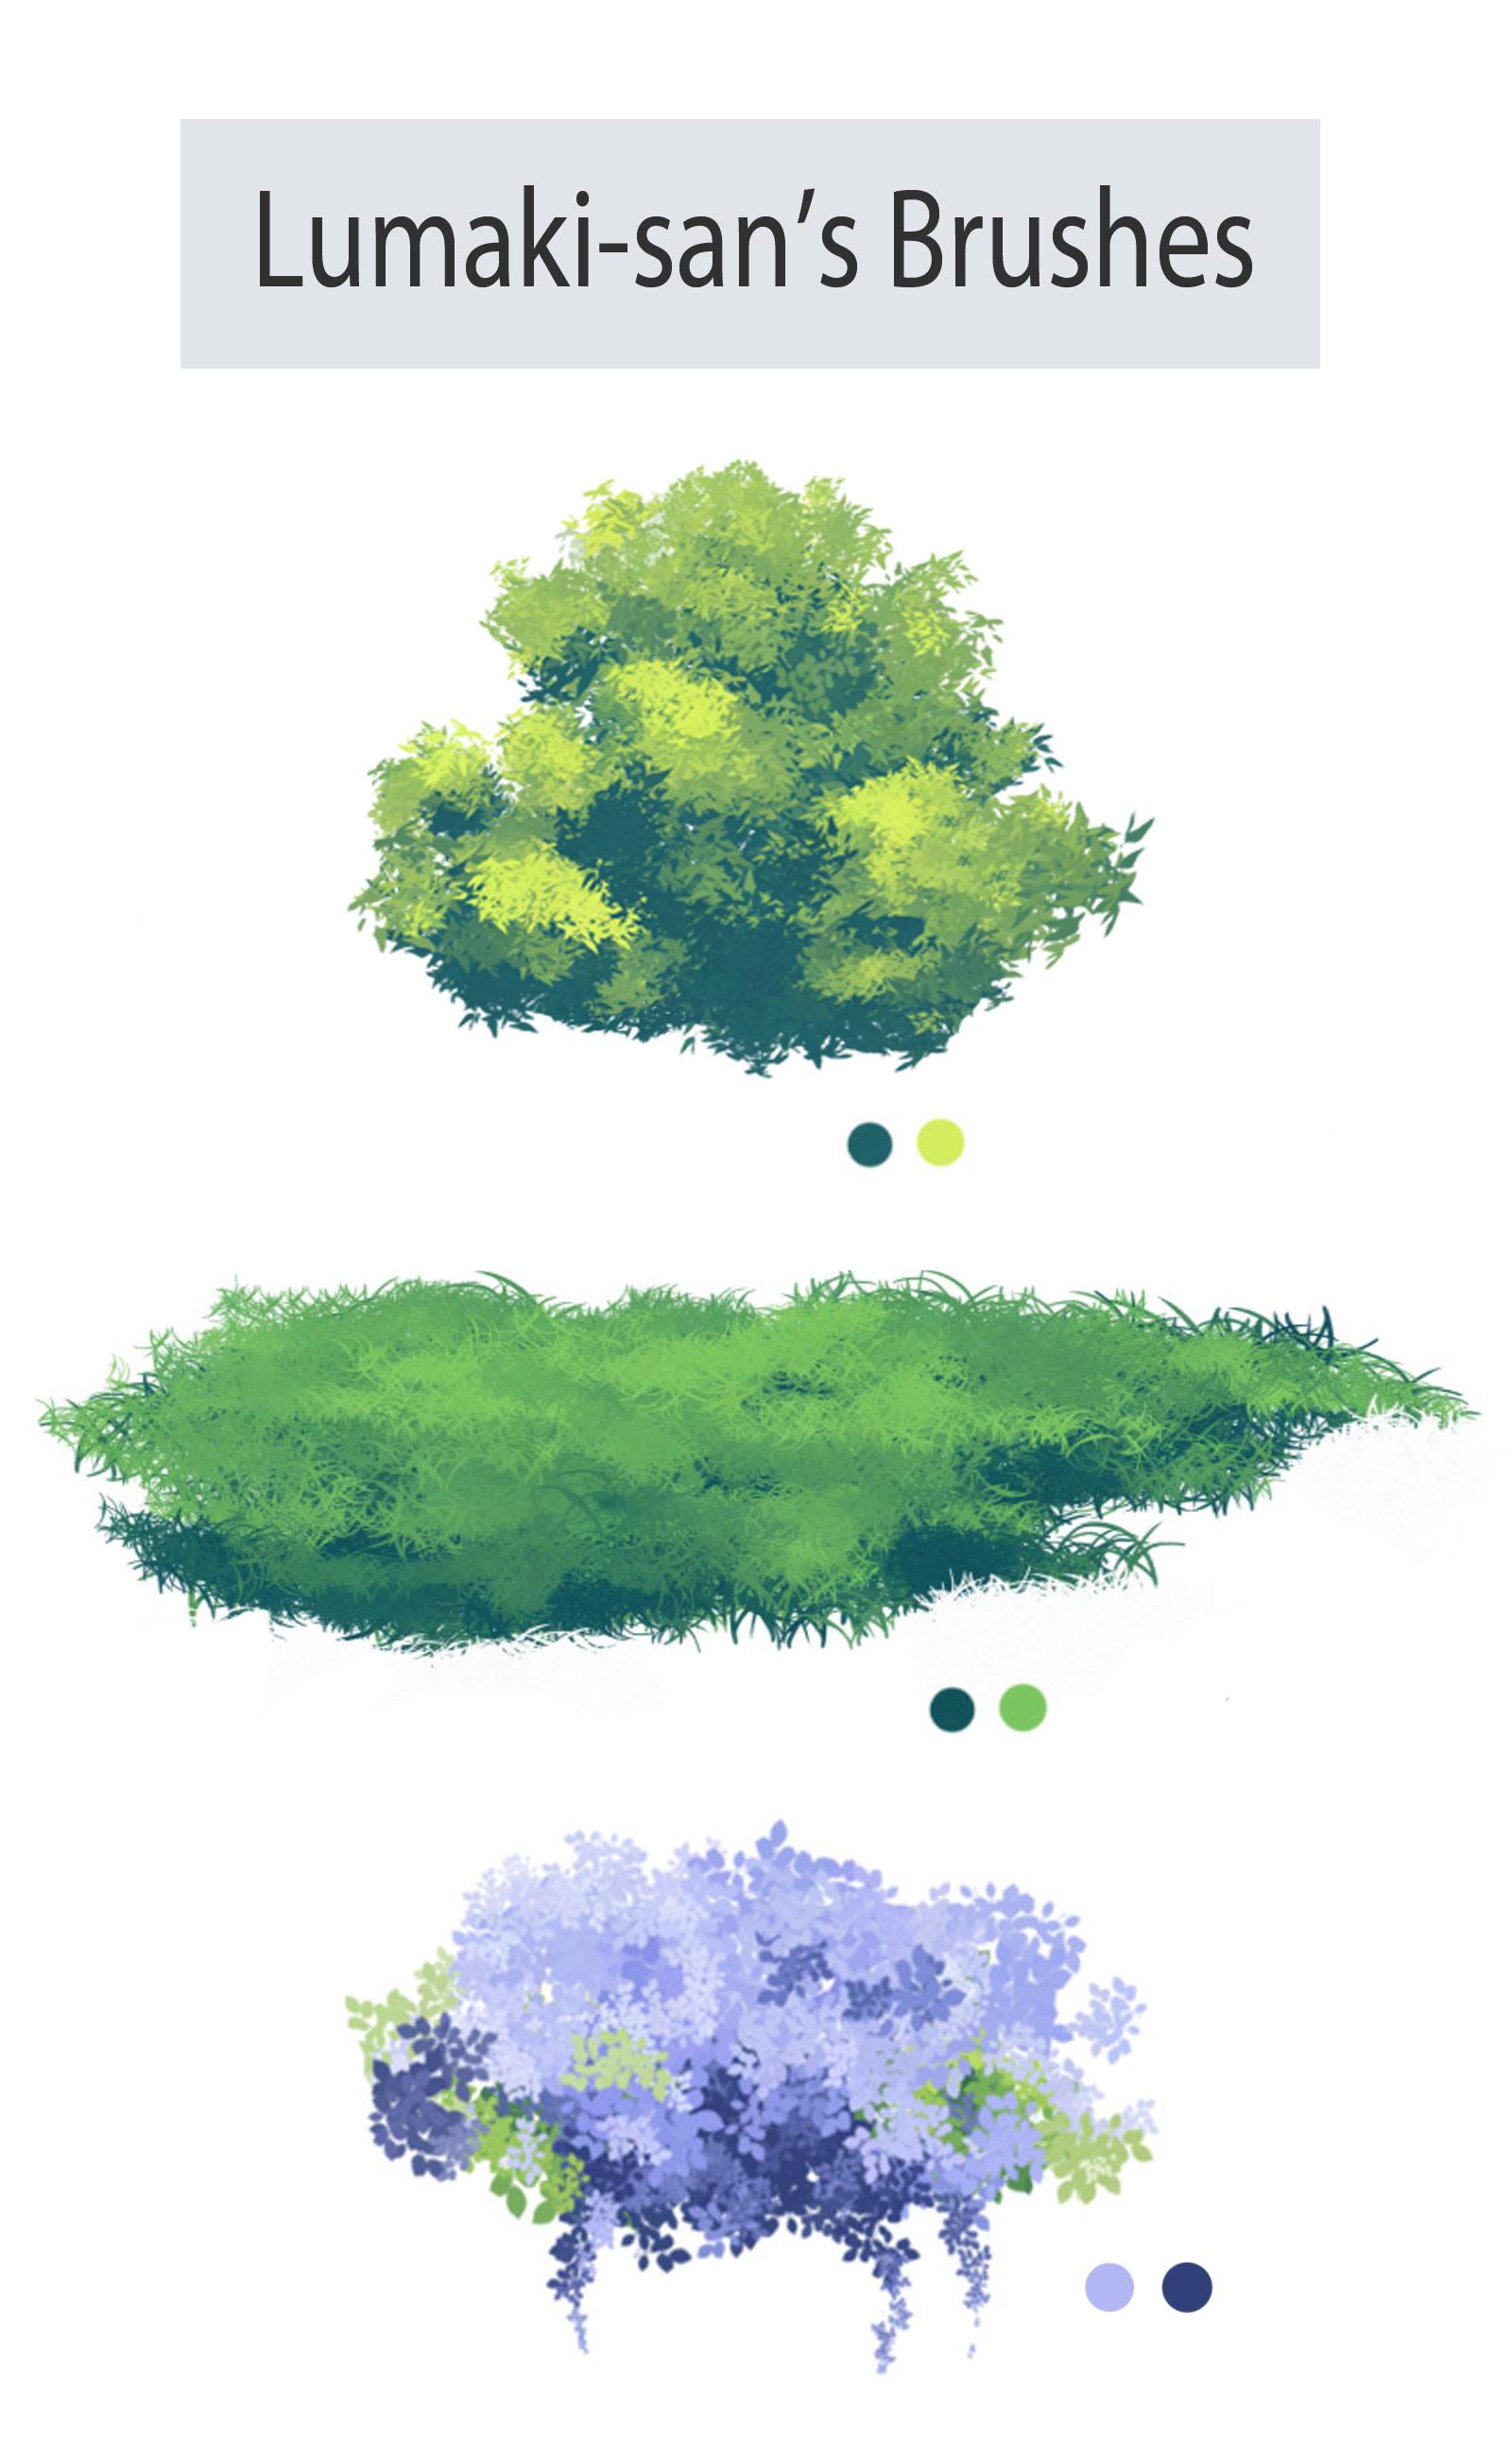 创意绿色植物插图、插画图案PS笔刷素材